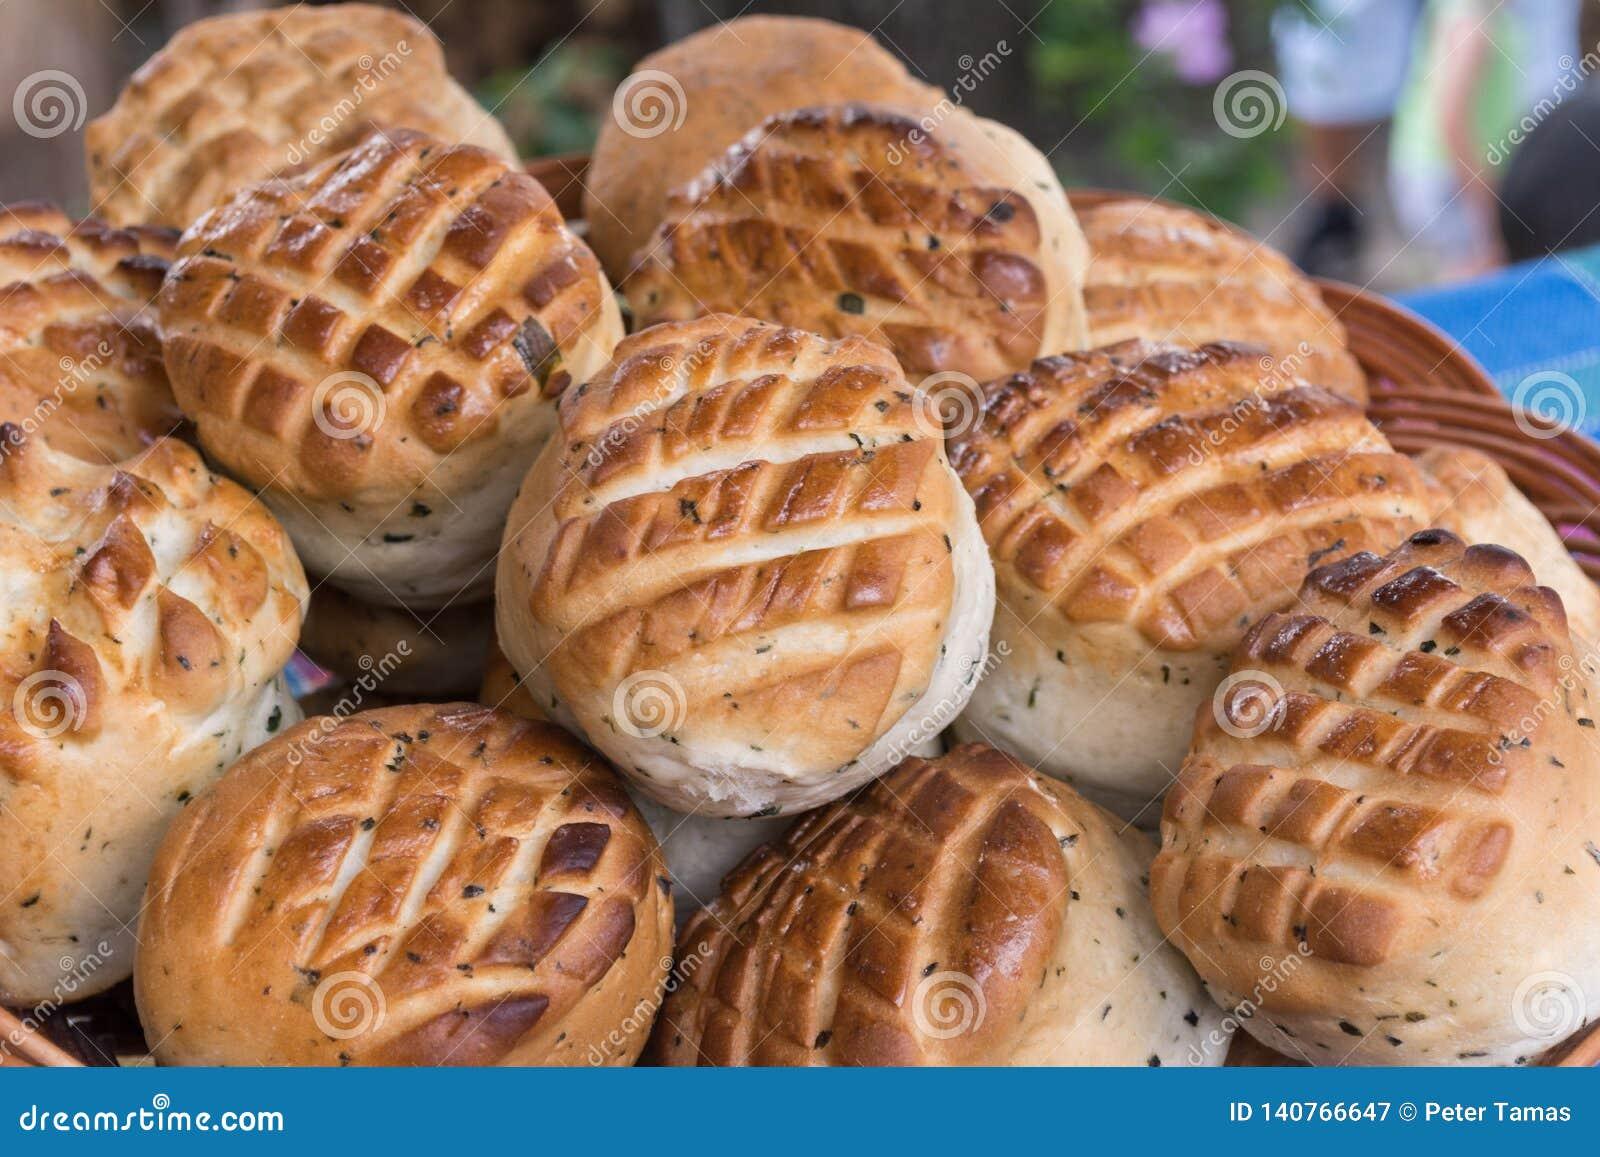 Homemade freshly baked scones in Hungary